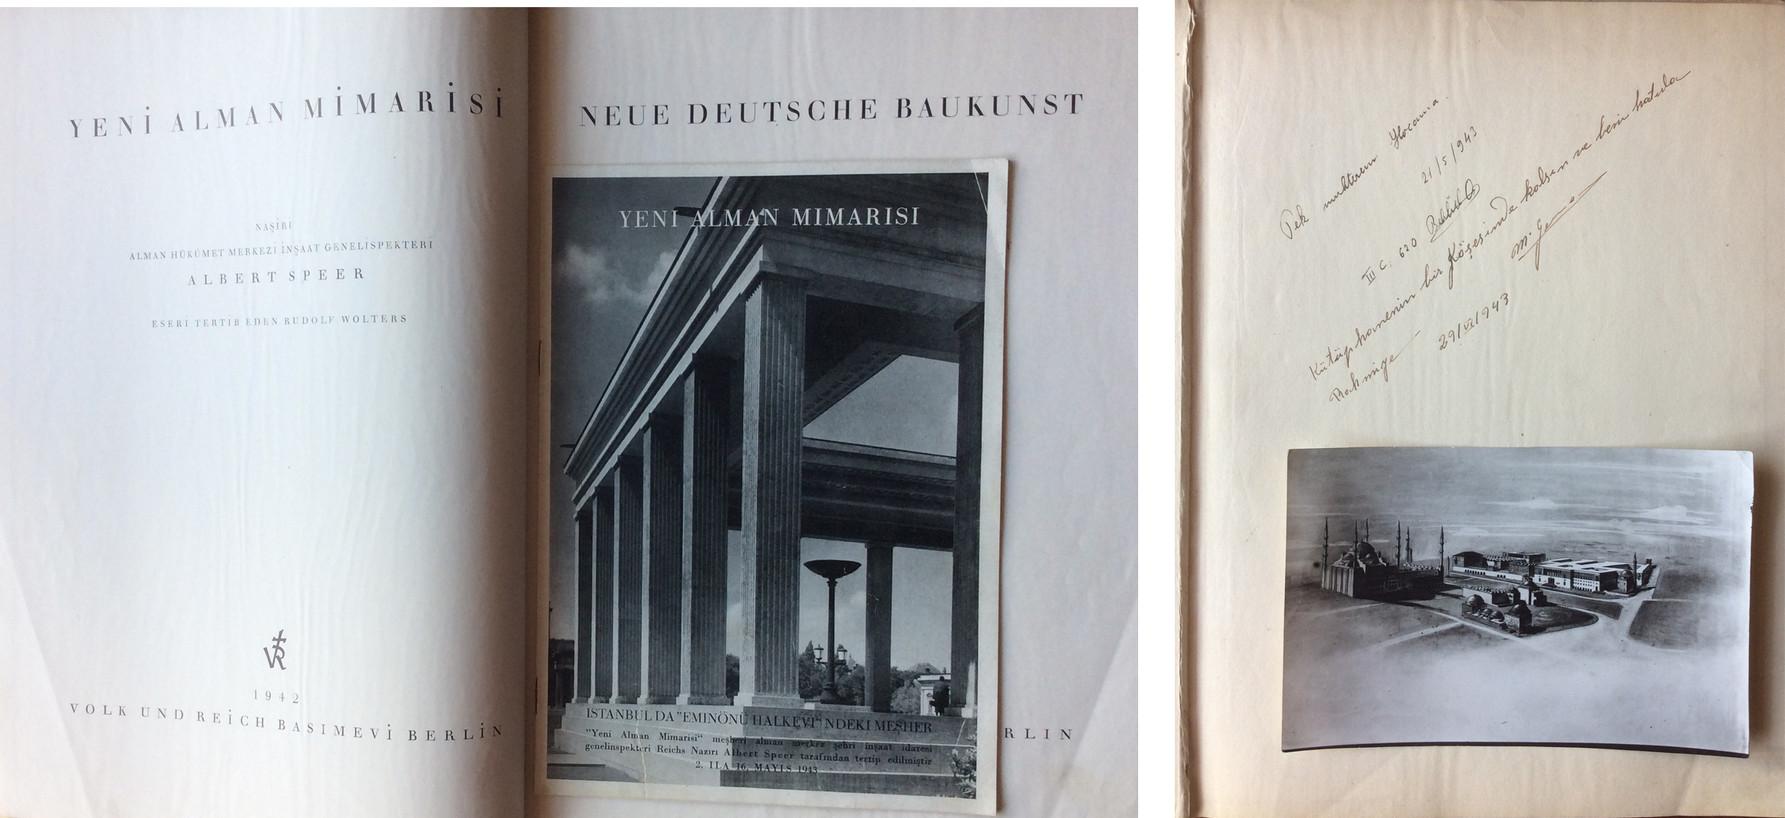 Rahmi Bediz'e hediye edilmiş Yeni Alman Mimarisi başlıklı kitabın baştaki sayfaları ve bir kartpostal. Kaynak: Ahmet Sezen Özsayın Arşivi.